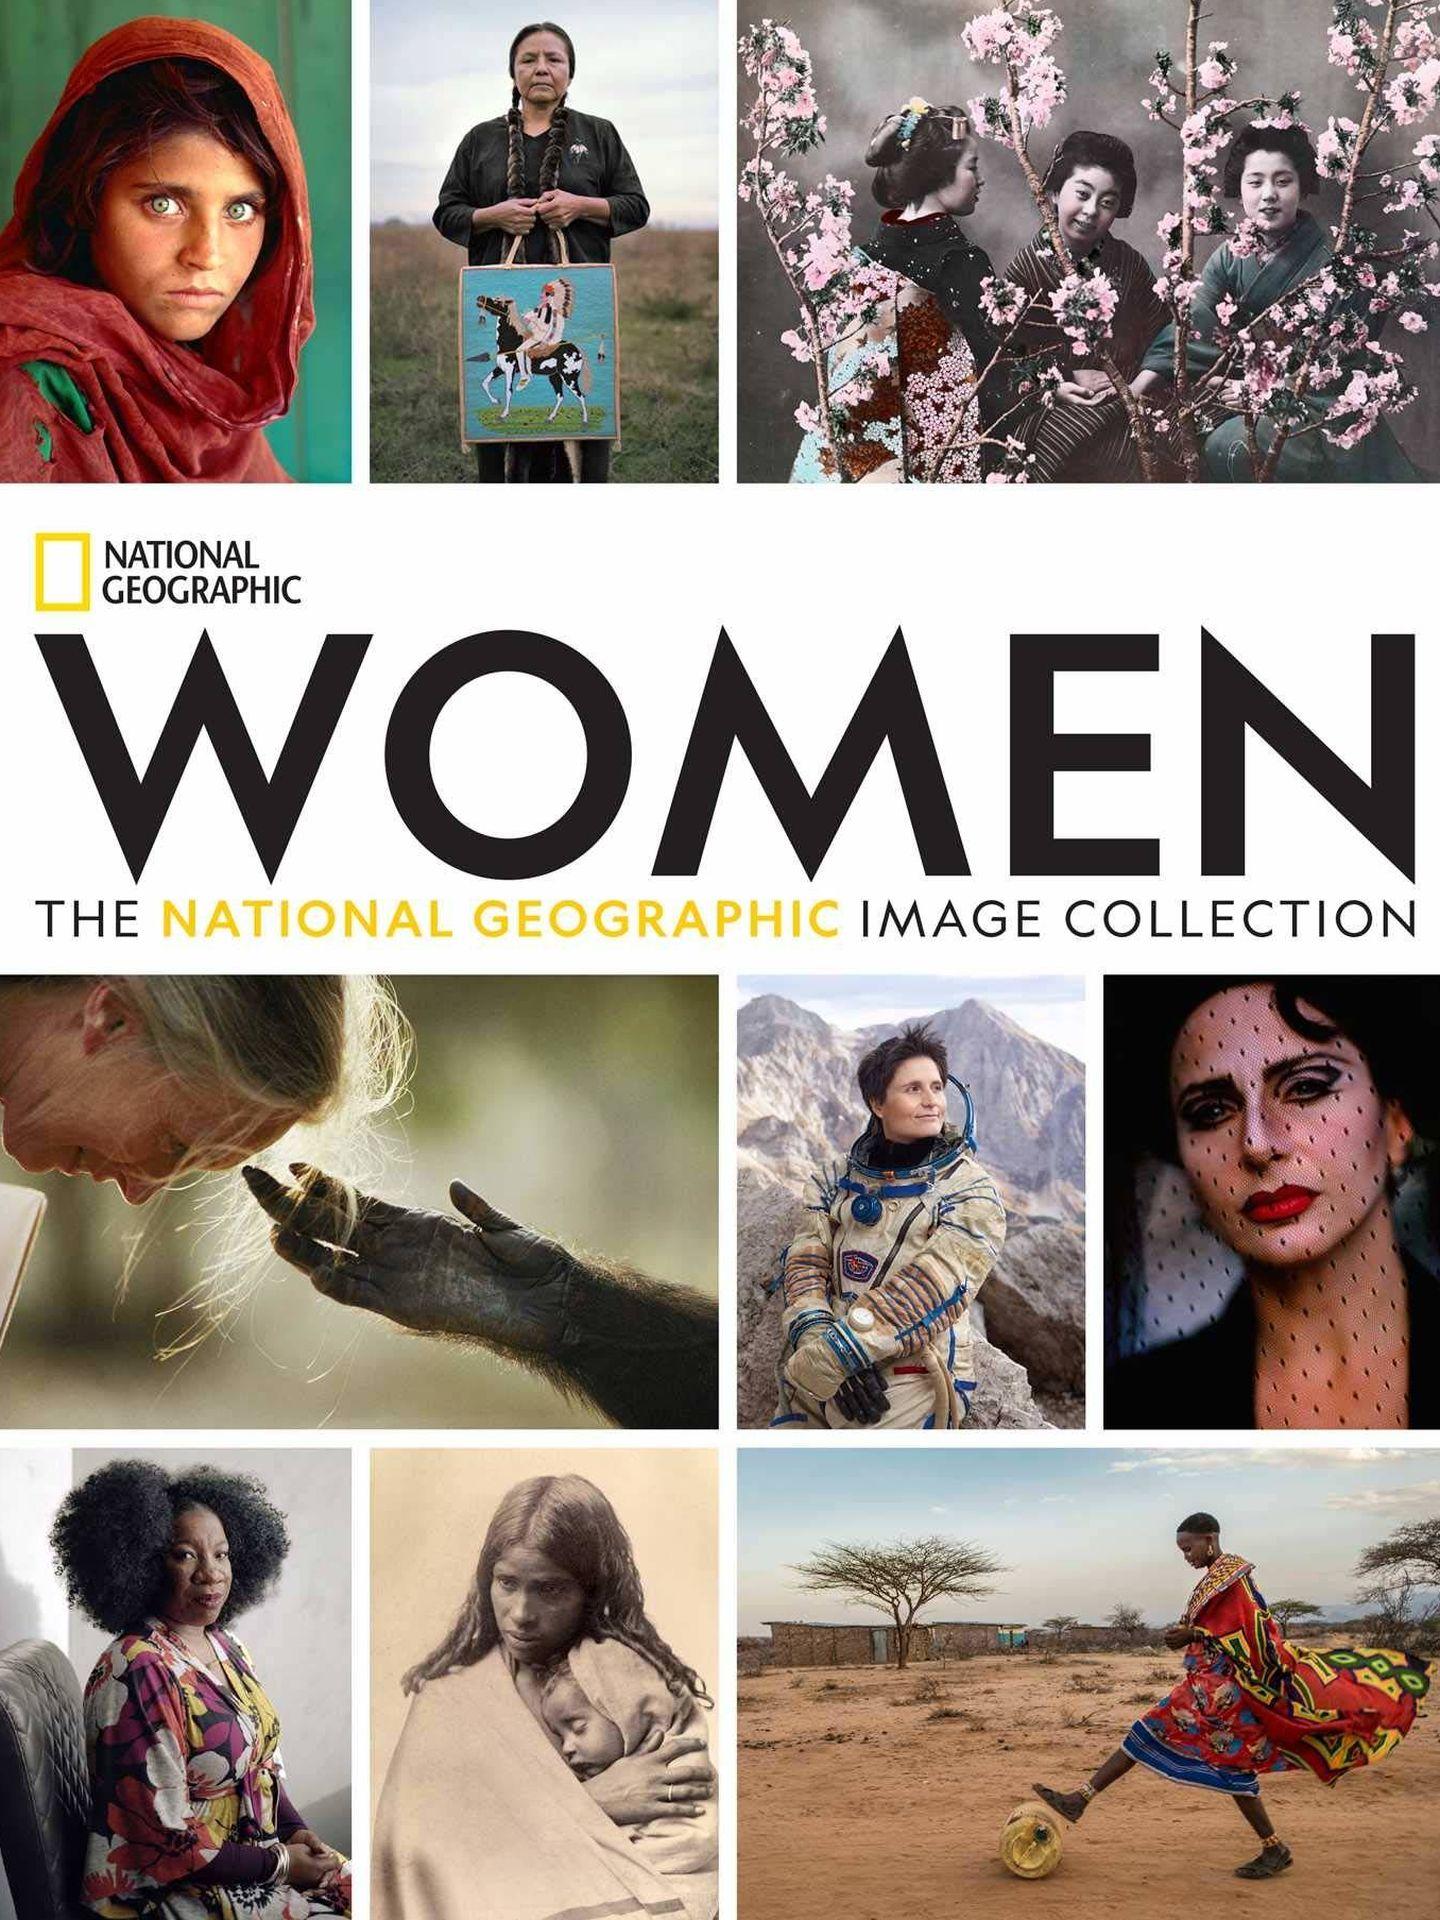 Portada del libro de fotografías 'Women',  de National Geographic.